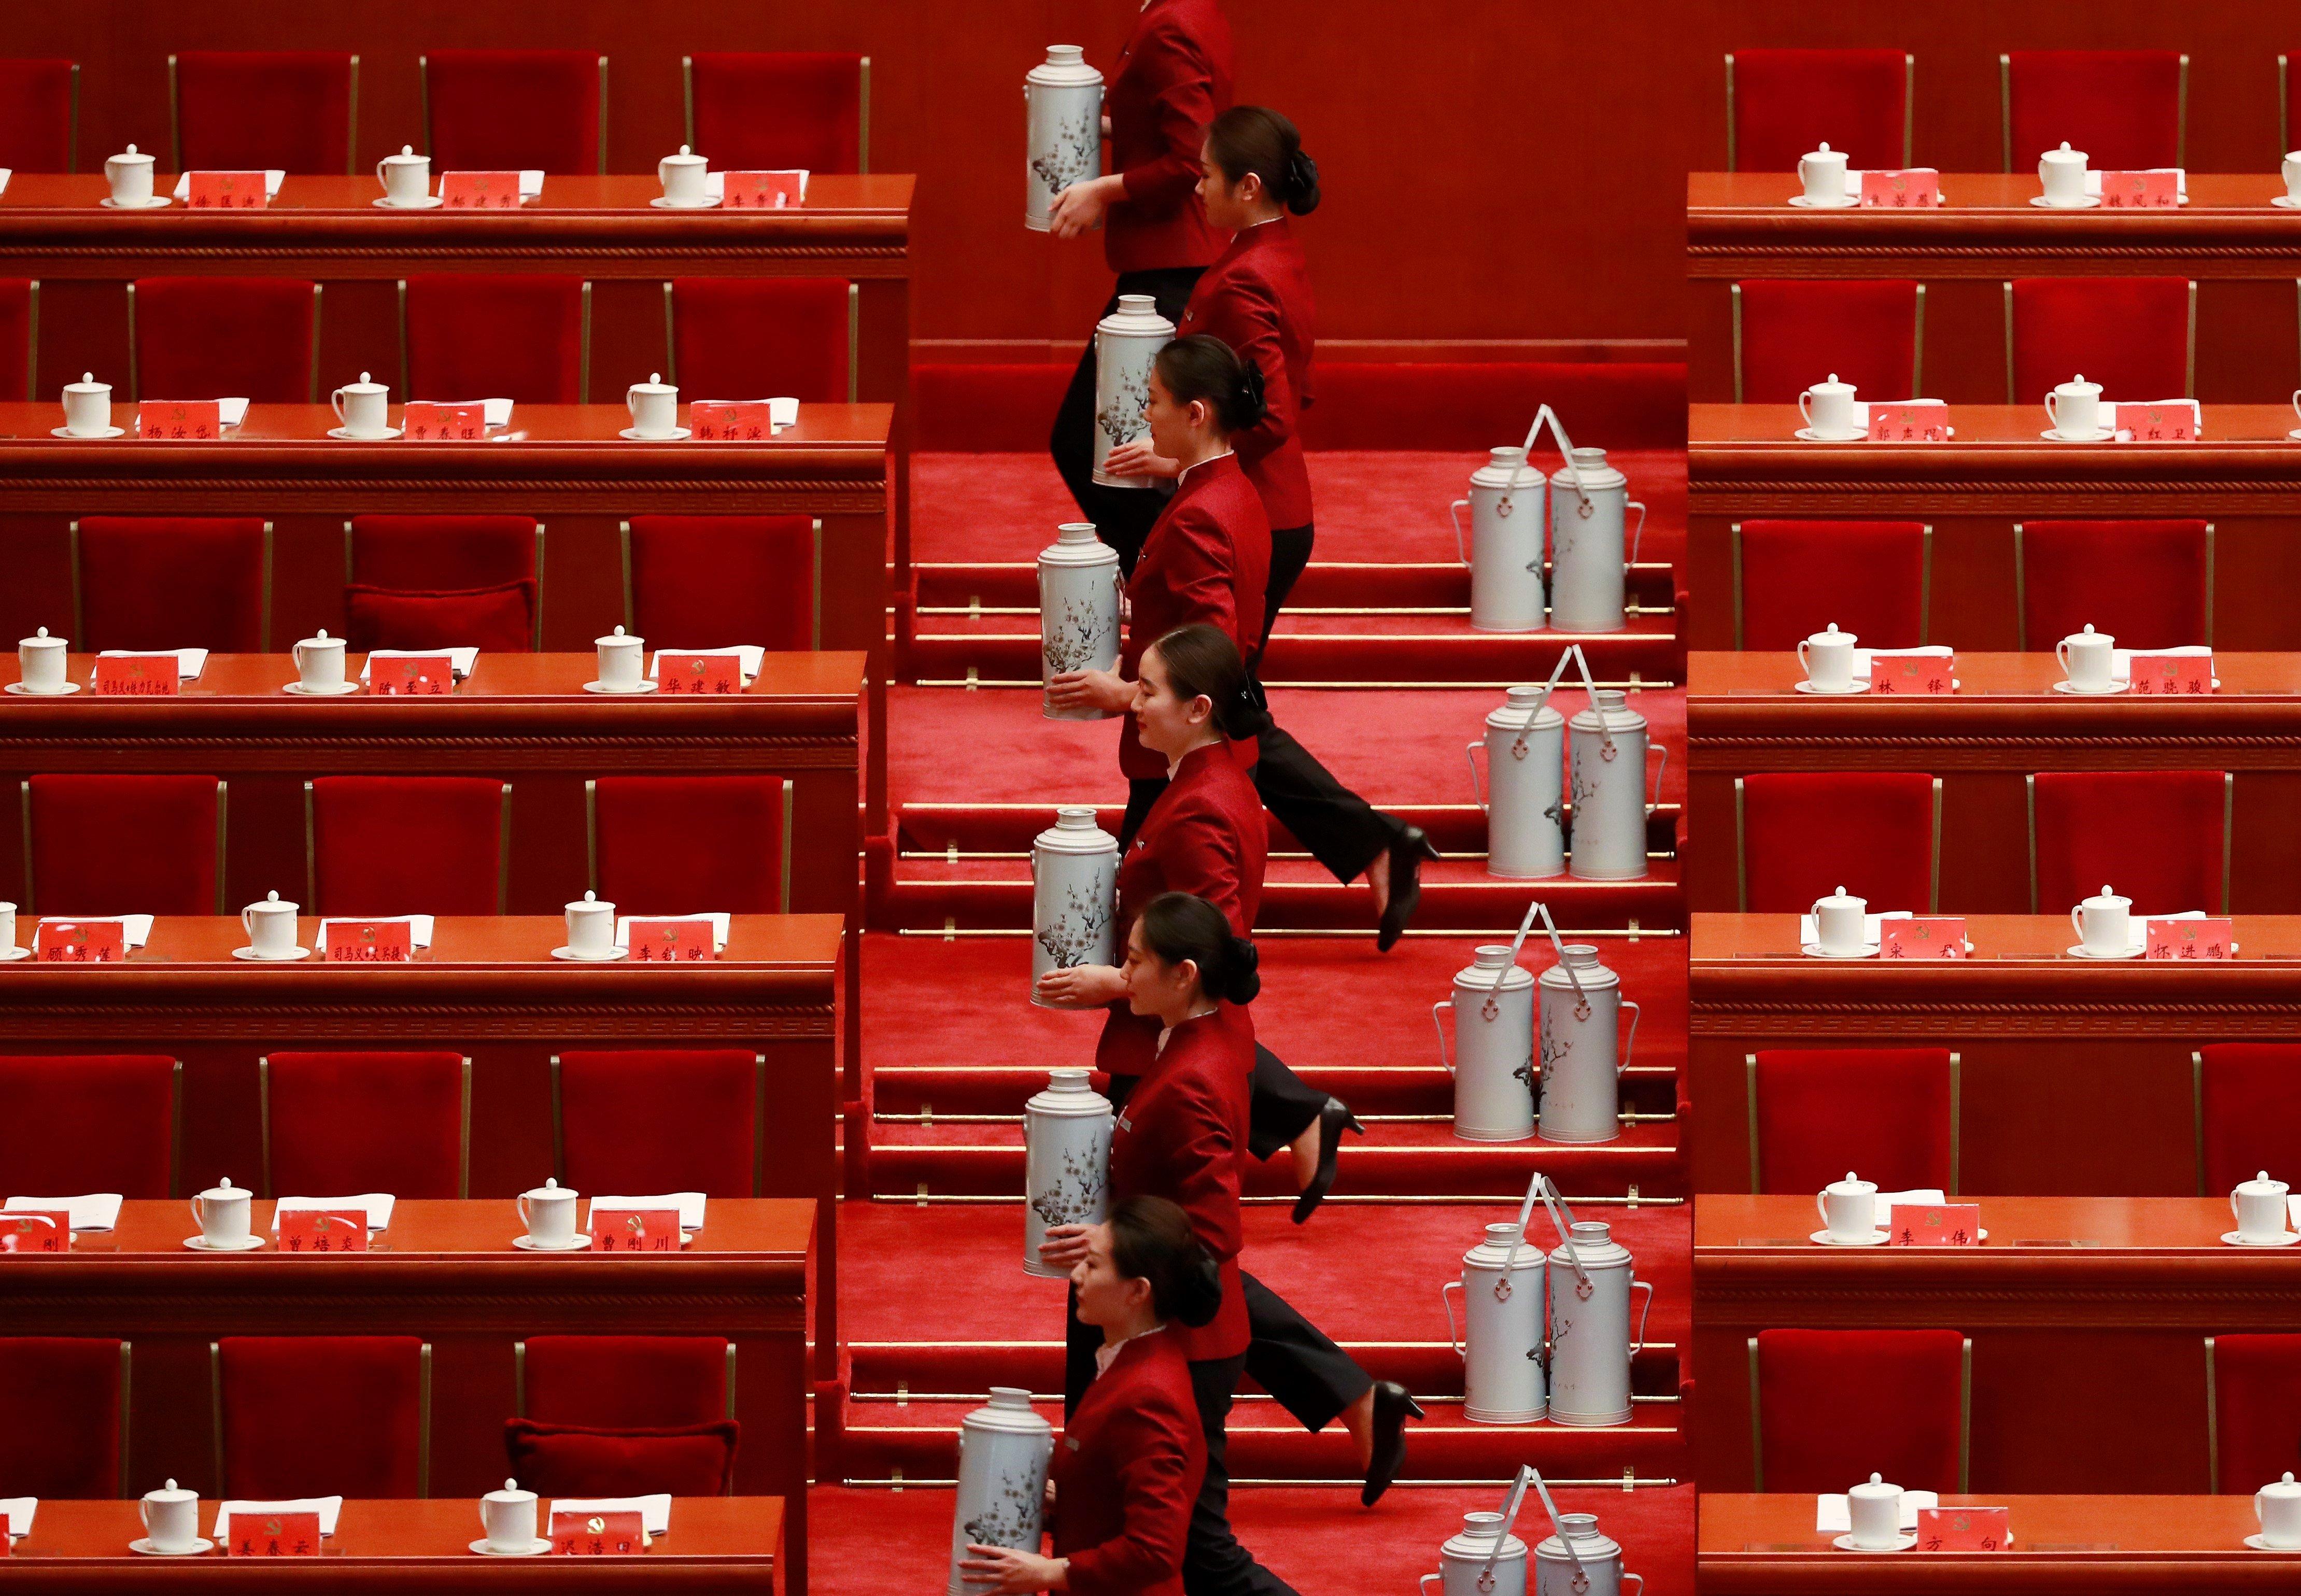 Diverses hostesses preparen termos de te abans de la cerimònia inaugural del XIX Congrés Nacional del Partit Comunista de la Xina en el Gran Palau del Poble a Pequín (Xina). /HOW HWEE YOUNG